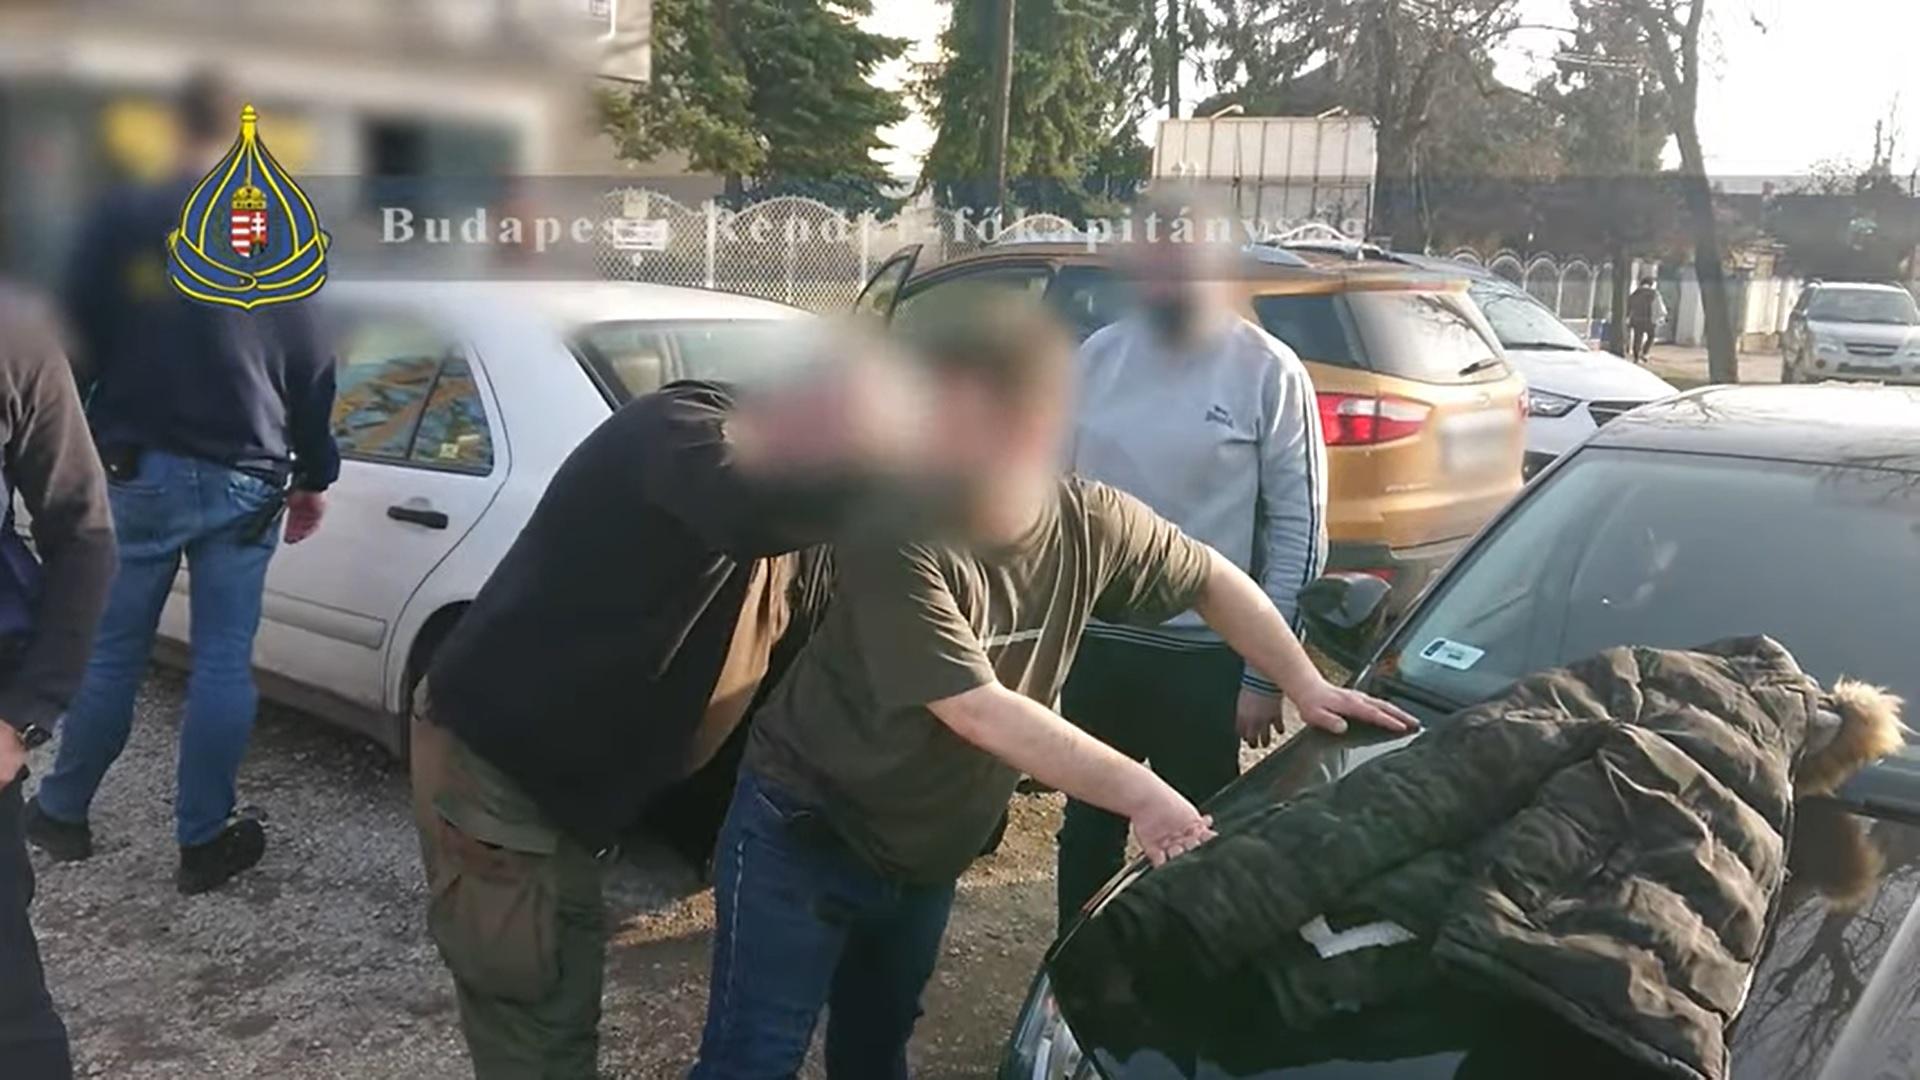 Letartóztatták a csepeli késes támadót, akár 11 évet is kaphat